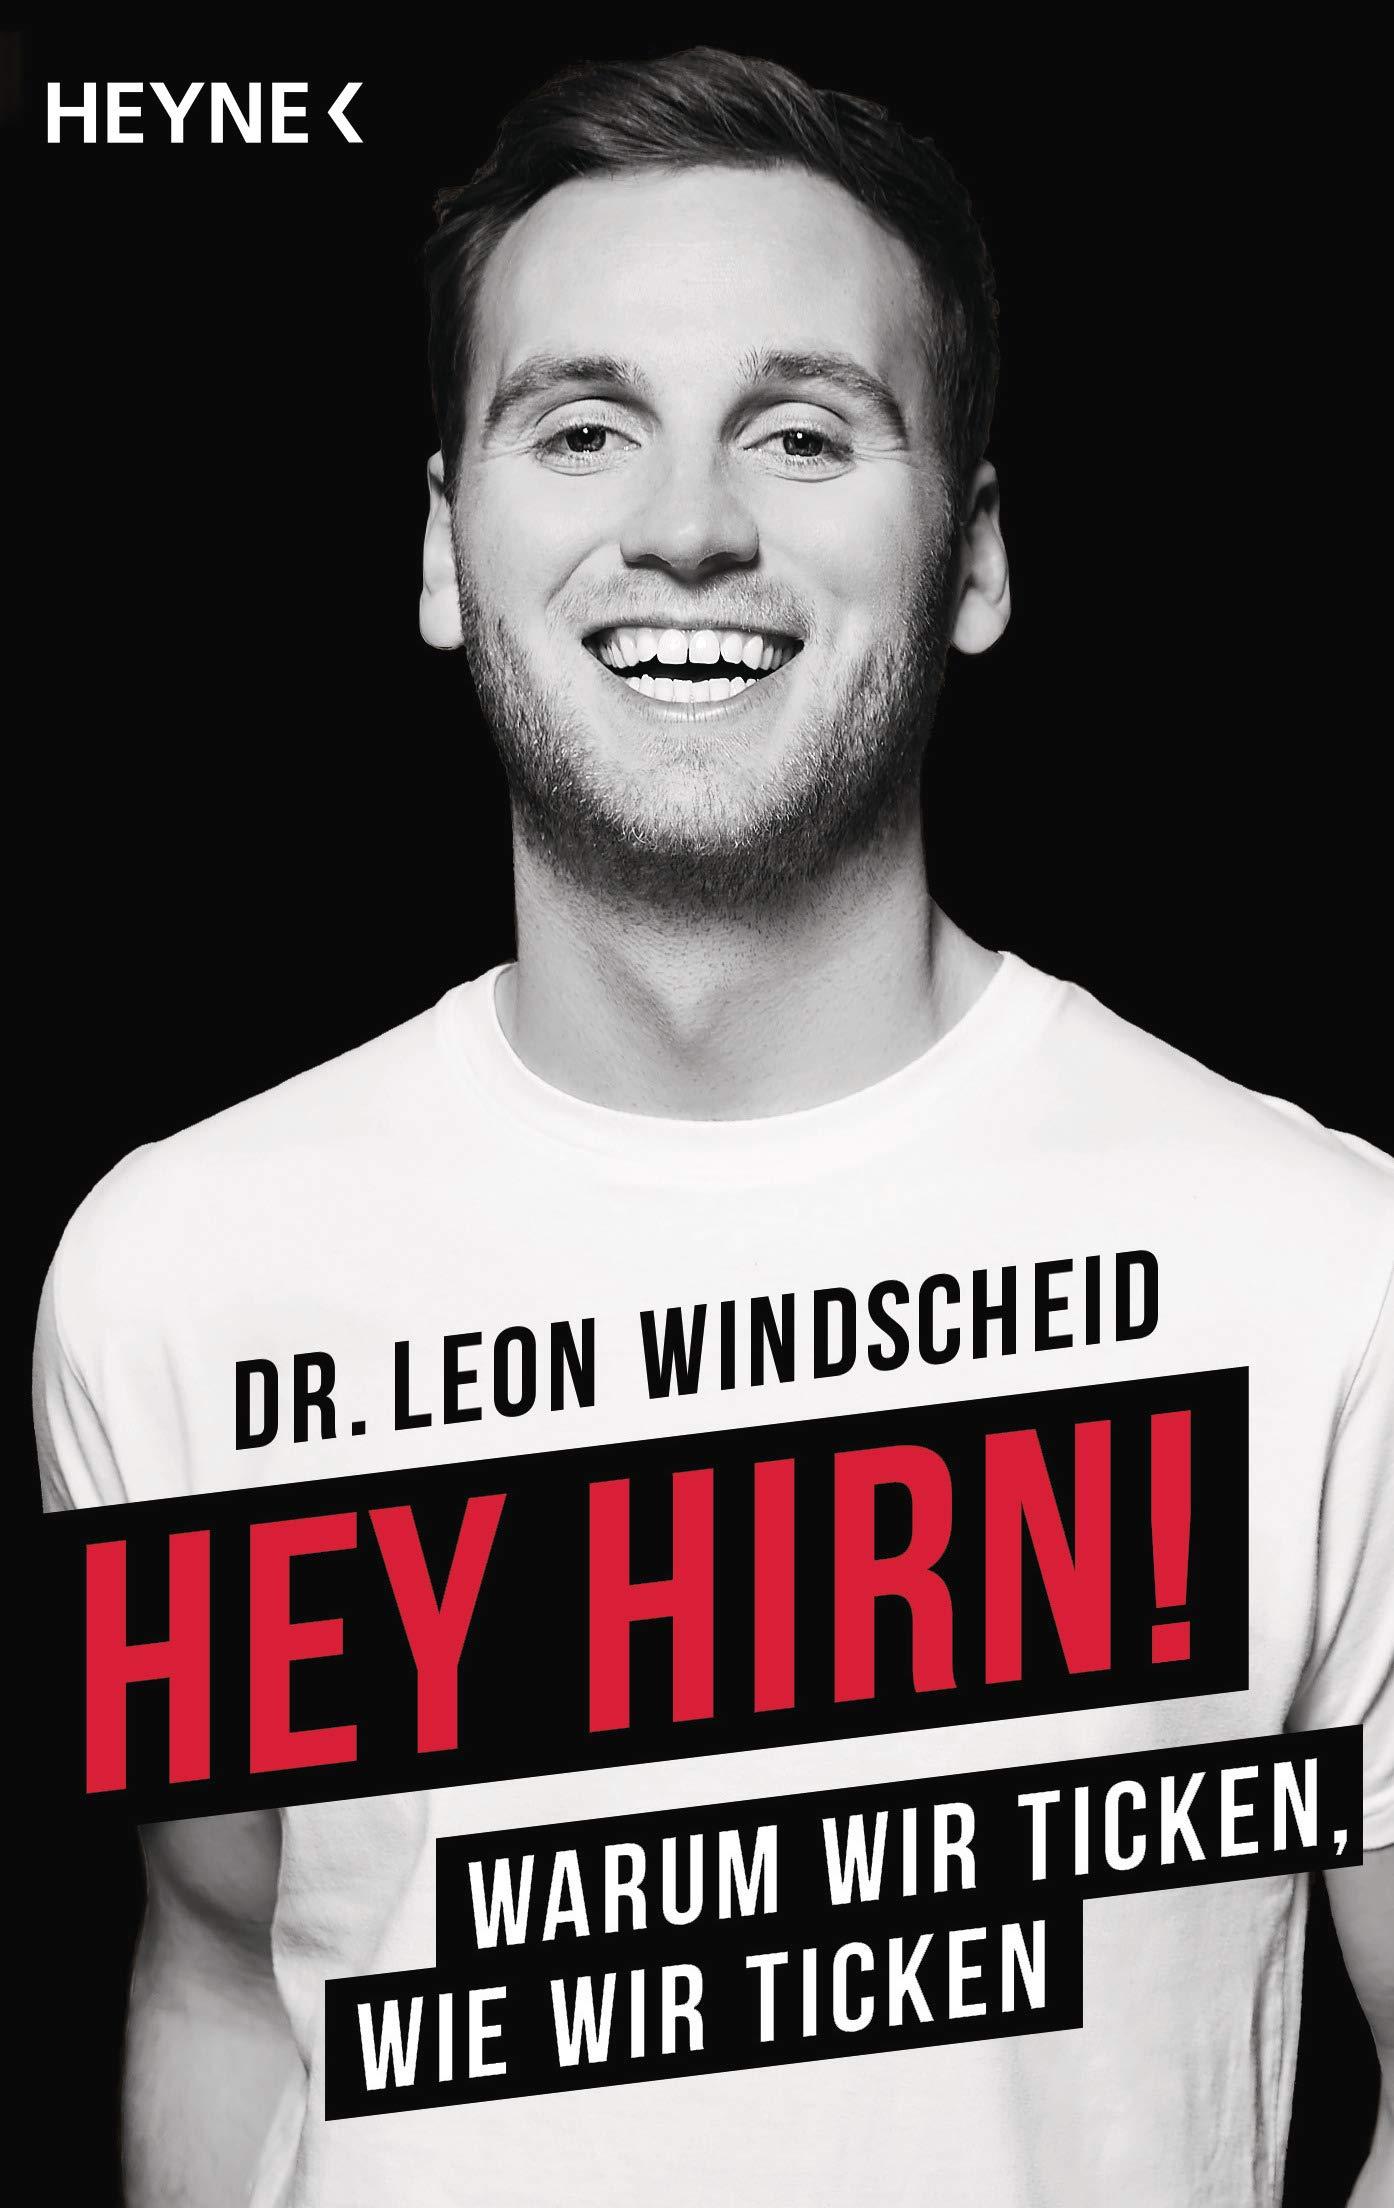 Hey Hirn!: Warum wir ticken, wie wir ticken Taschenbuch – 8. Oktober 2018 Leon Windscheid Heyne Verlag 3453604911 Angst / Phobie